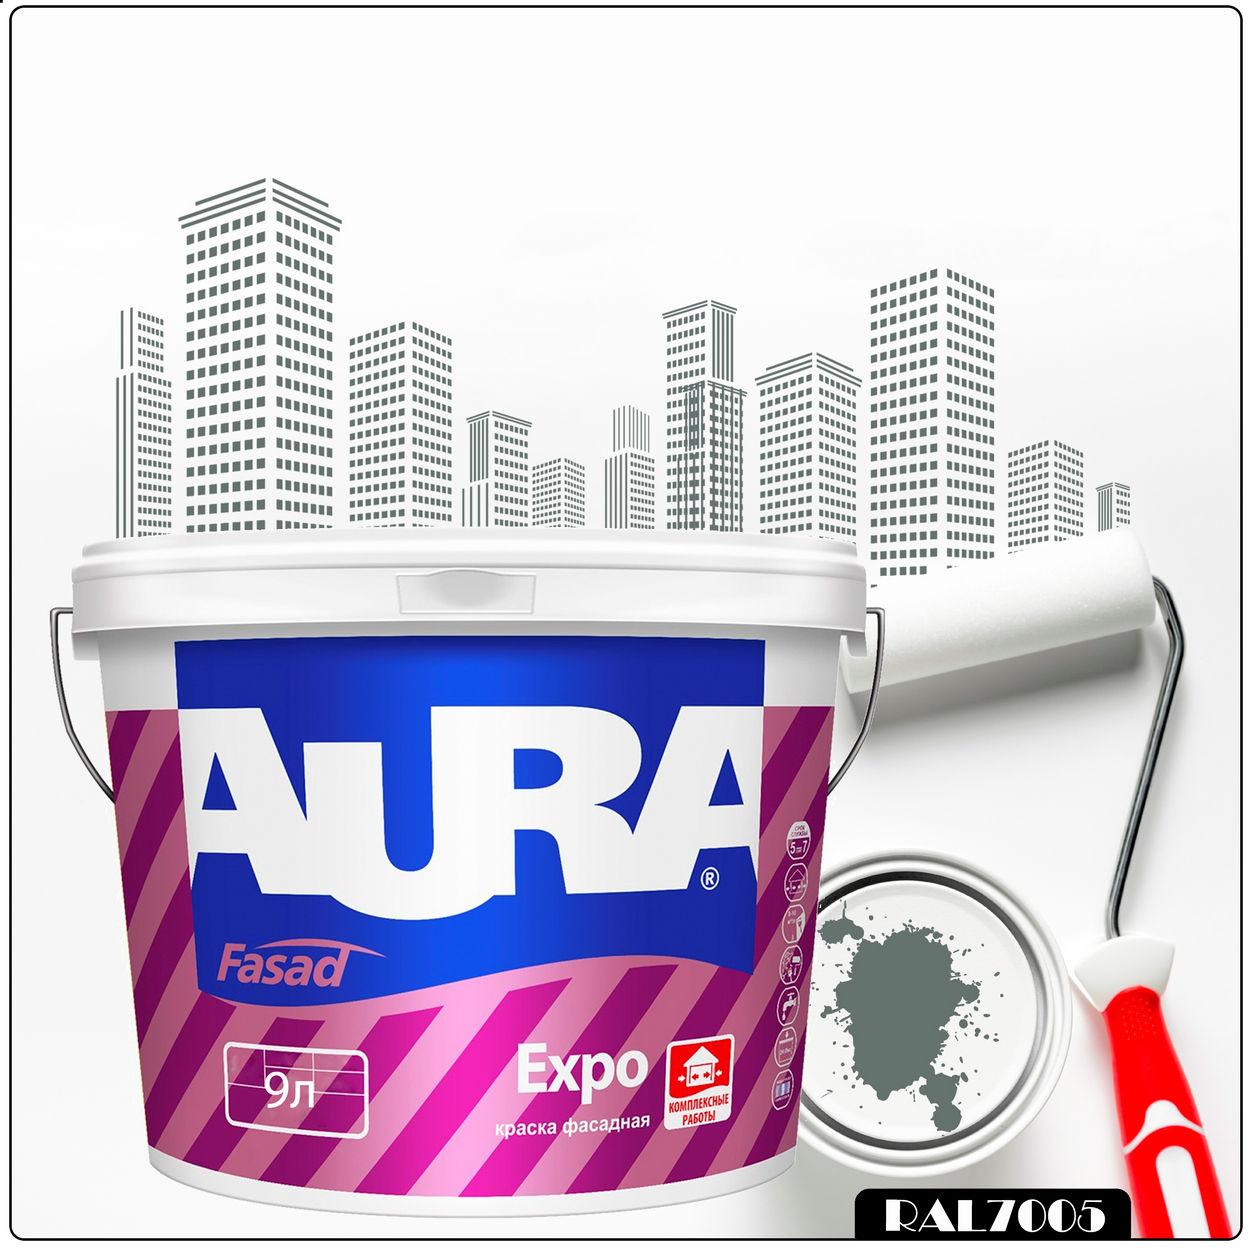 Фото 1 - Краска Aura Fasad Expo, RAL 7005 Мышино-серый, матовая, для фасадов и помещений с повышенной влажностью, 9л.